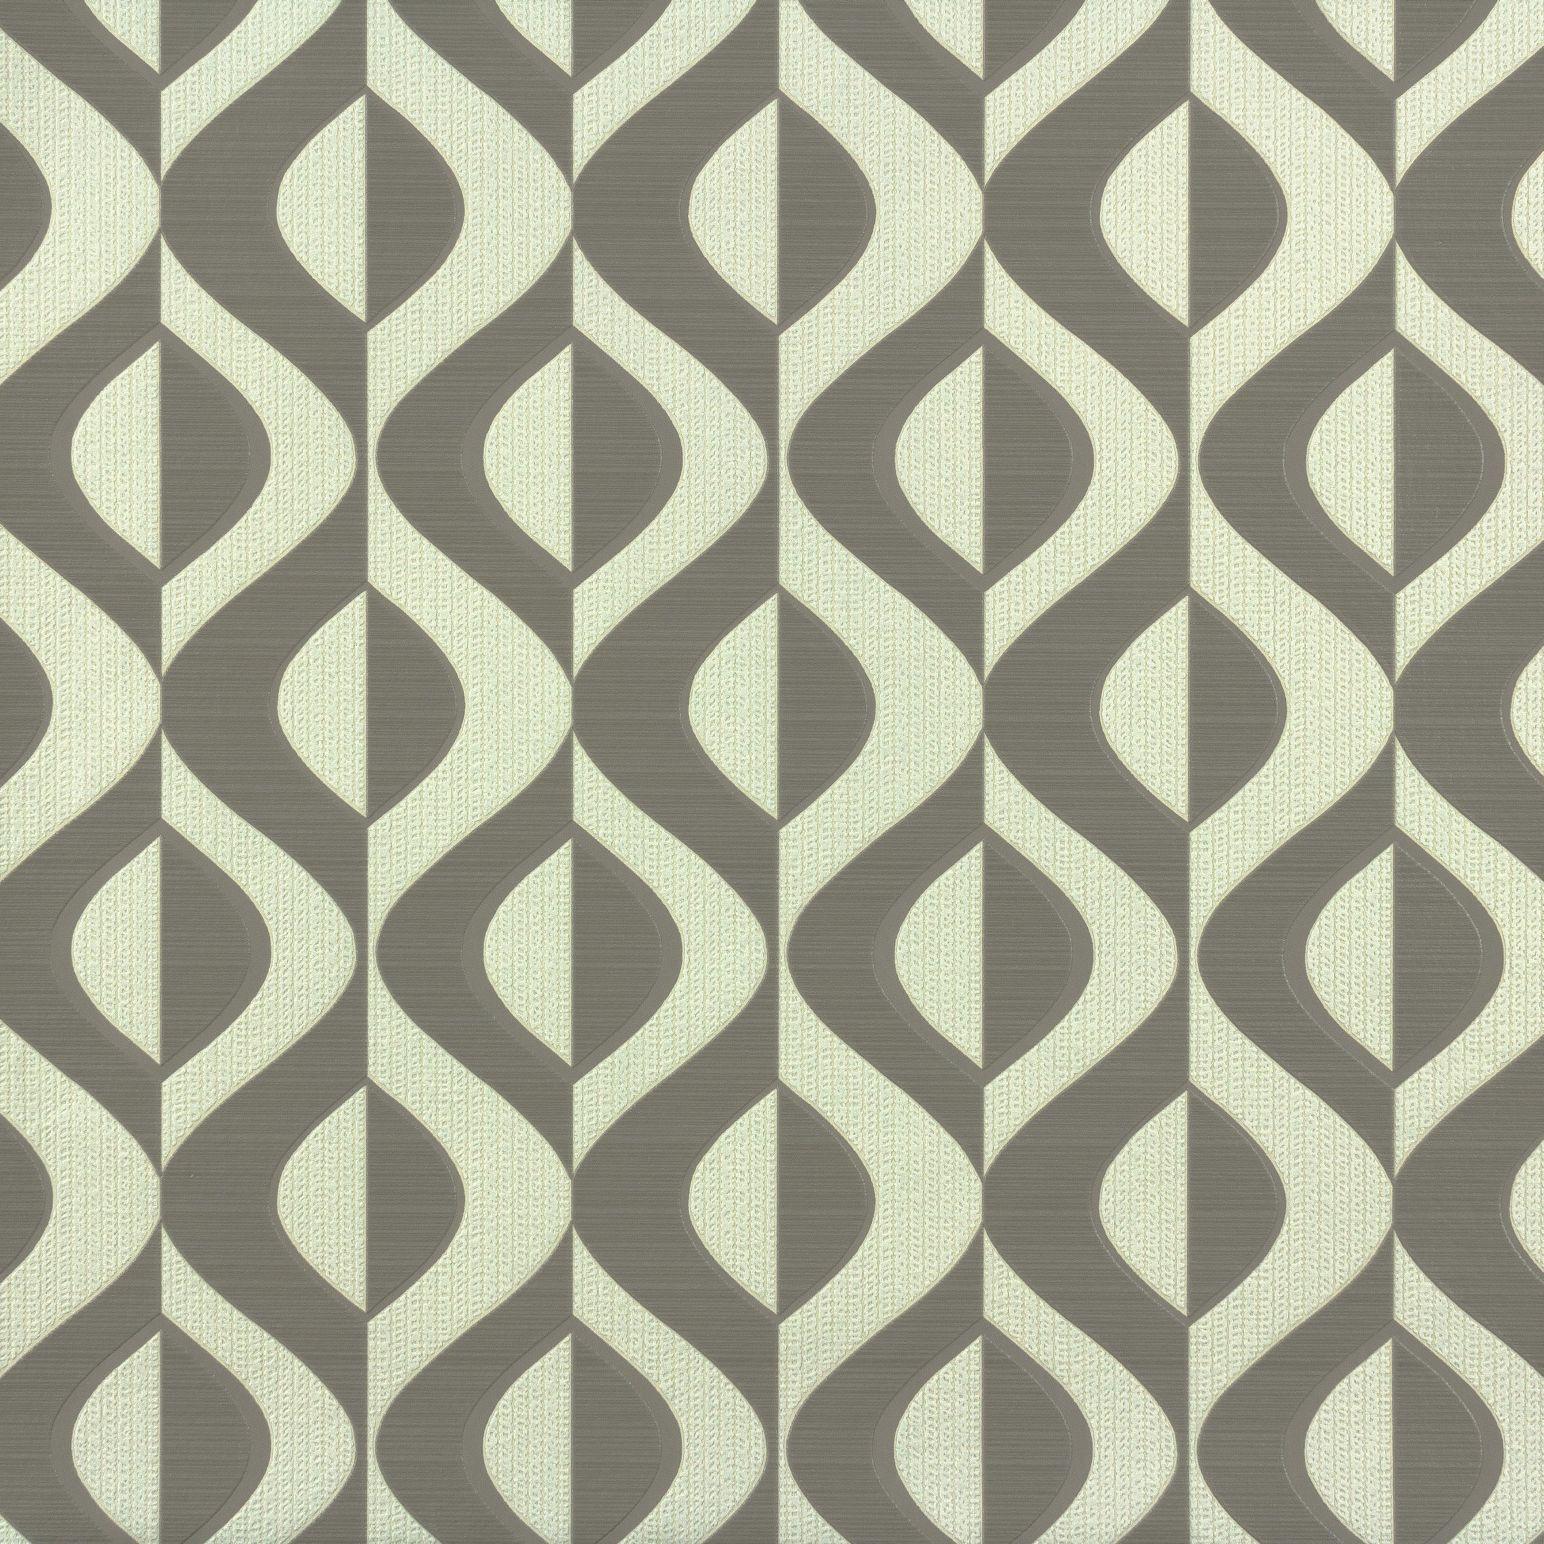 Tapeten Retro Style : bestseller tapete rasch retro tapete 773958 braun grau creme ~ Sanjose-hotels-ca.com Haus und Dekorationen